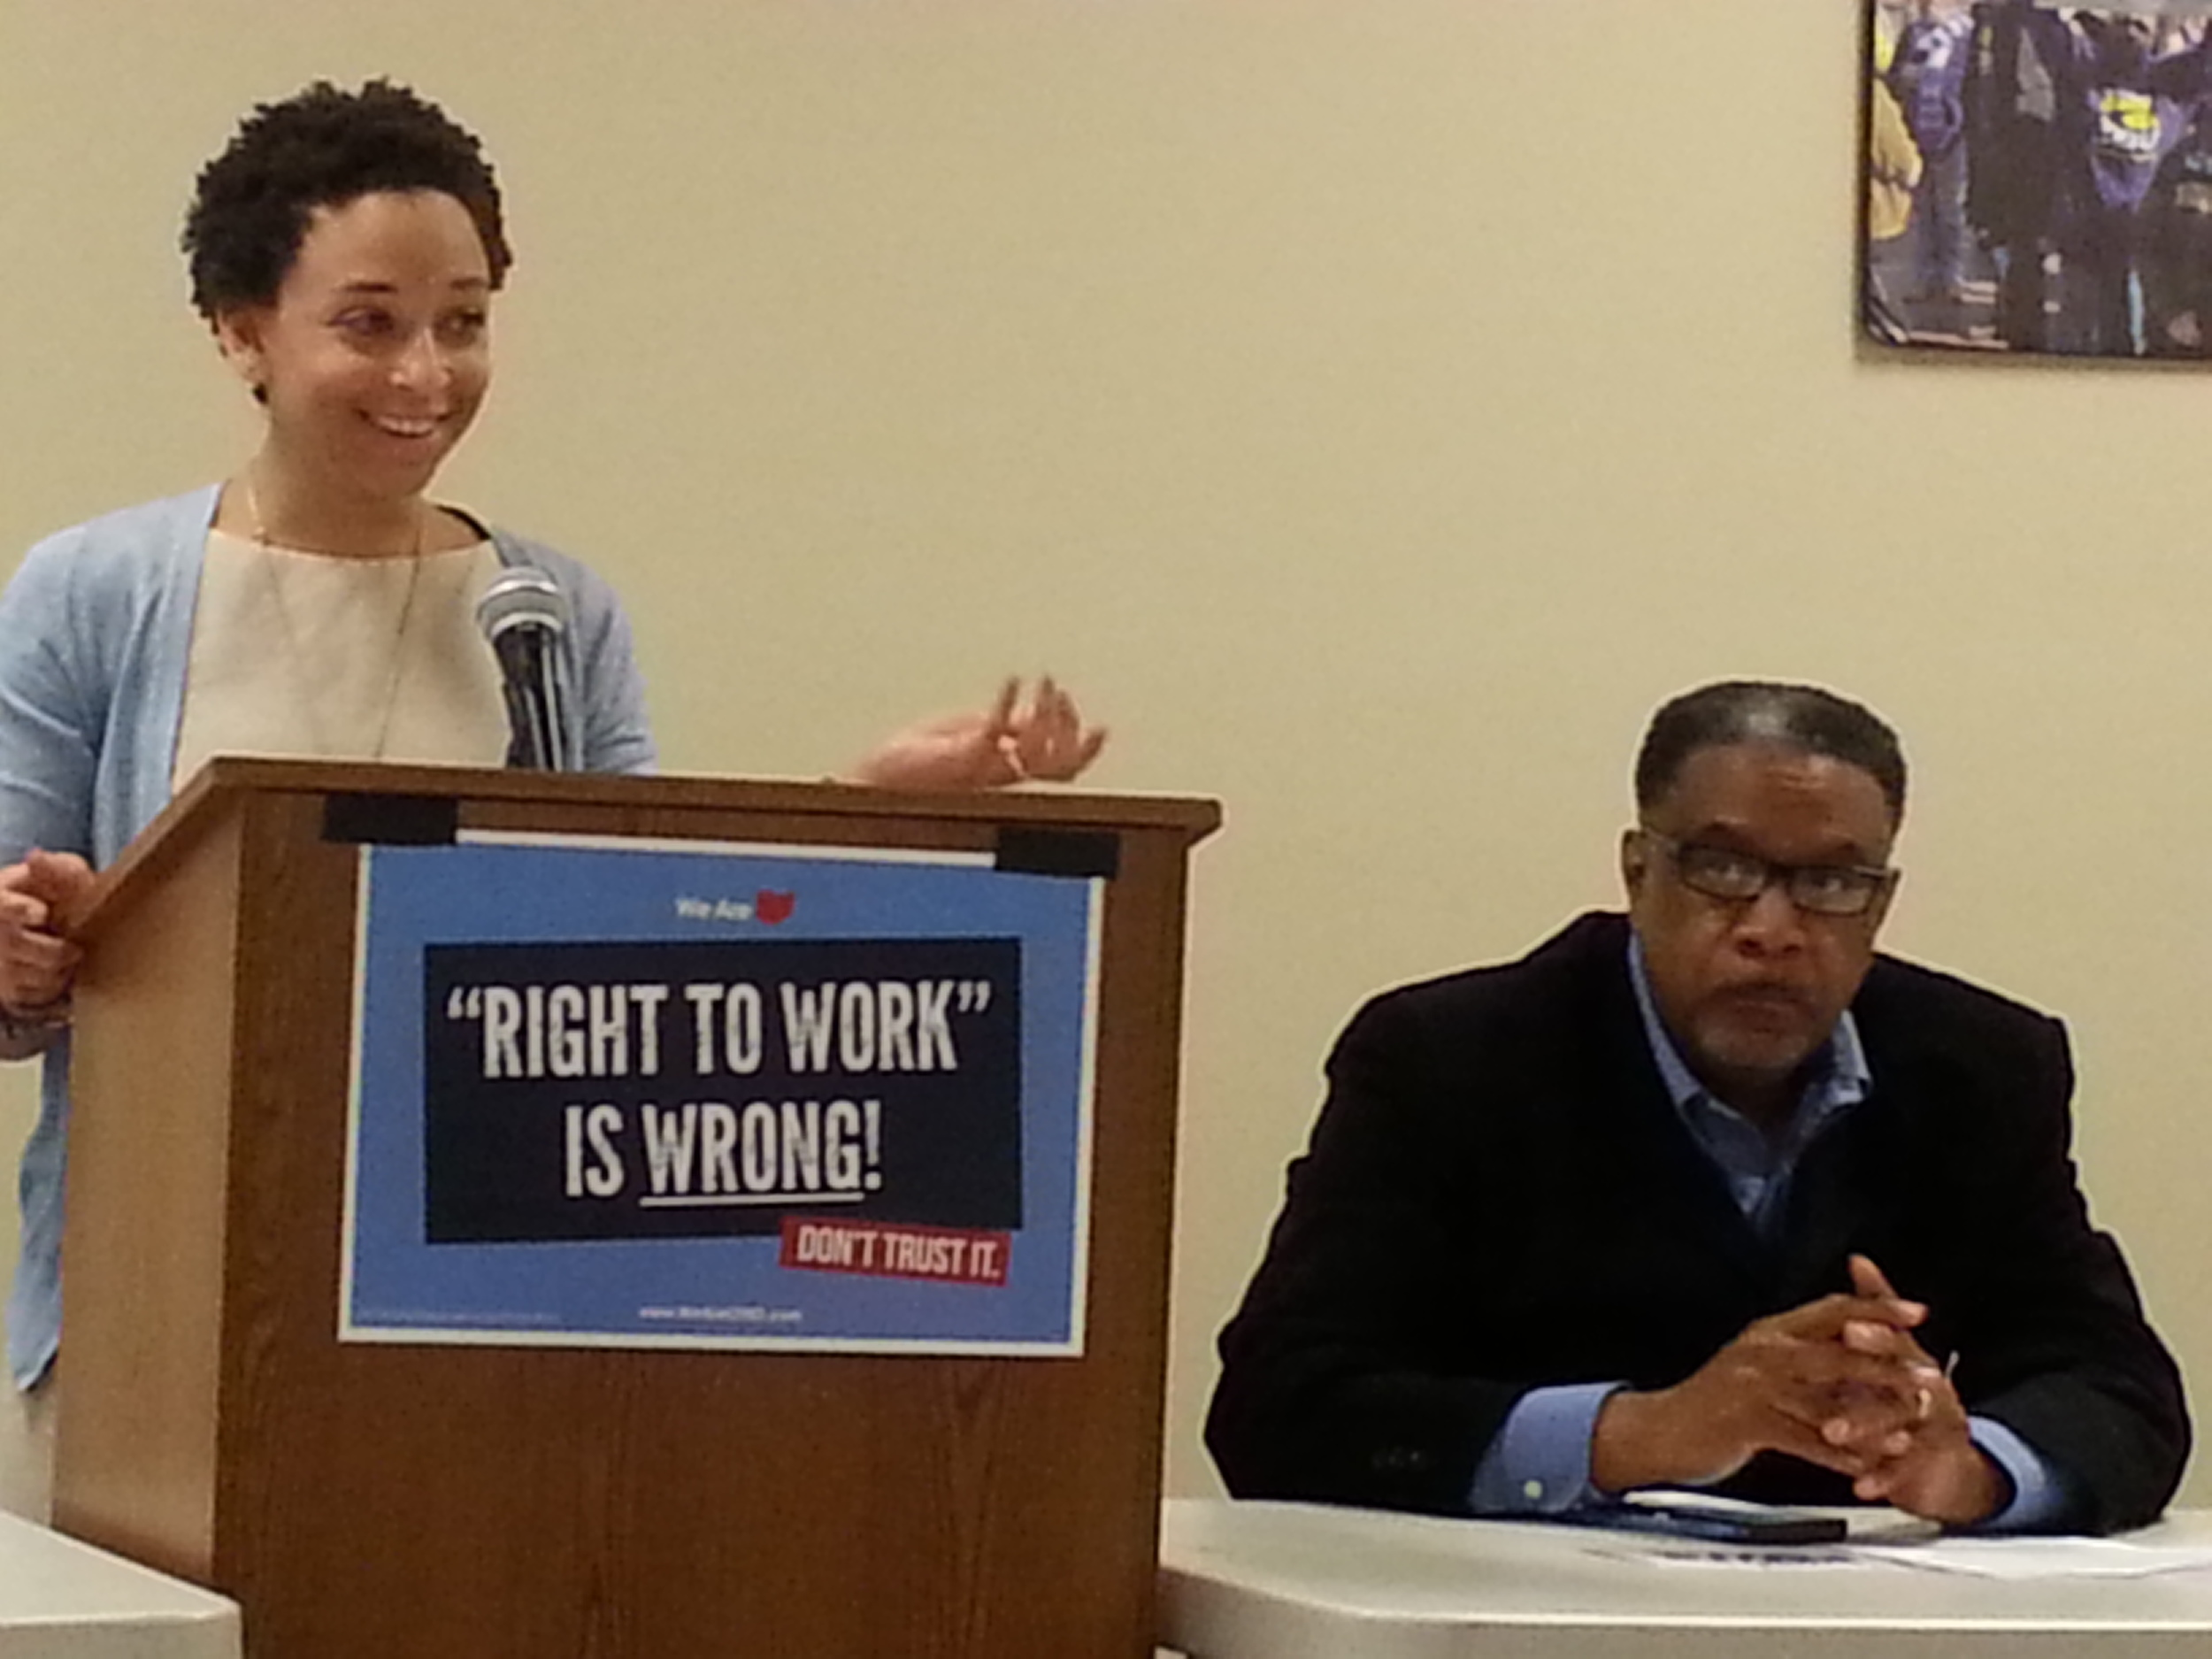 Amelia Hayes, Organizer, Ohio Students Association, @AmeliaJHayes